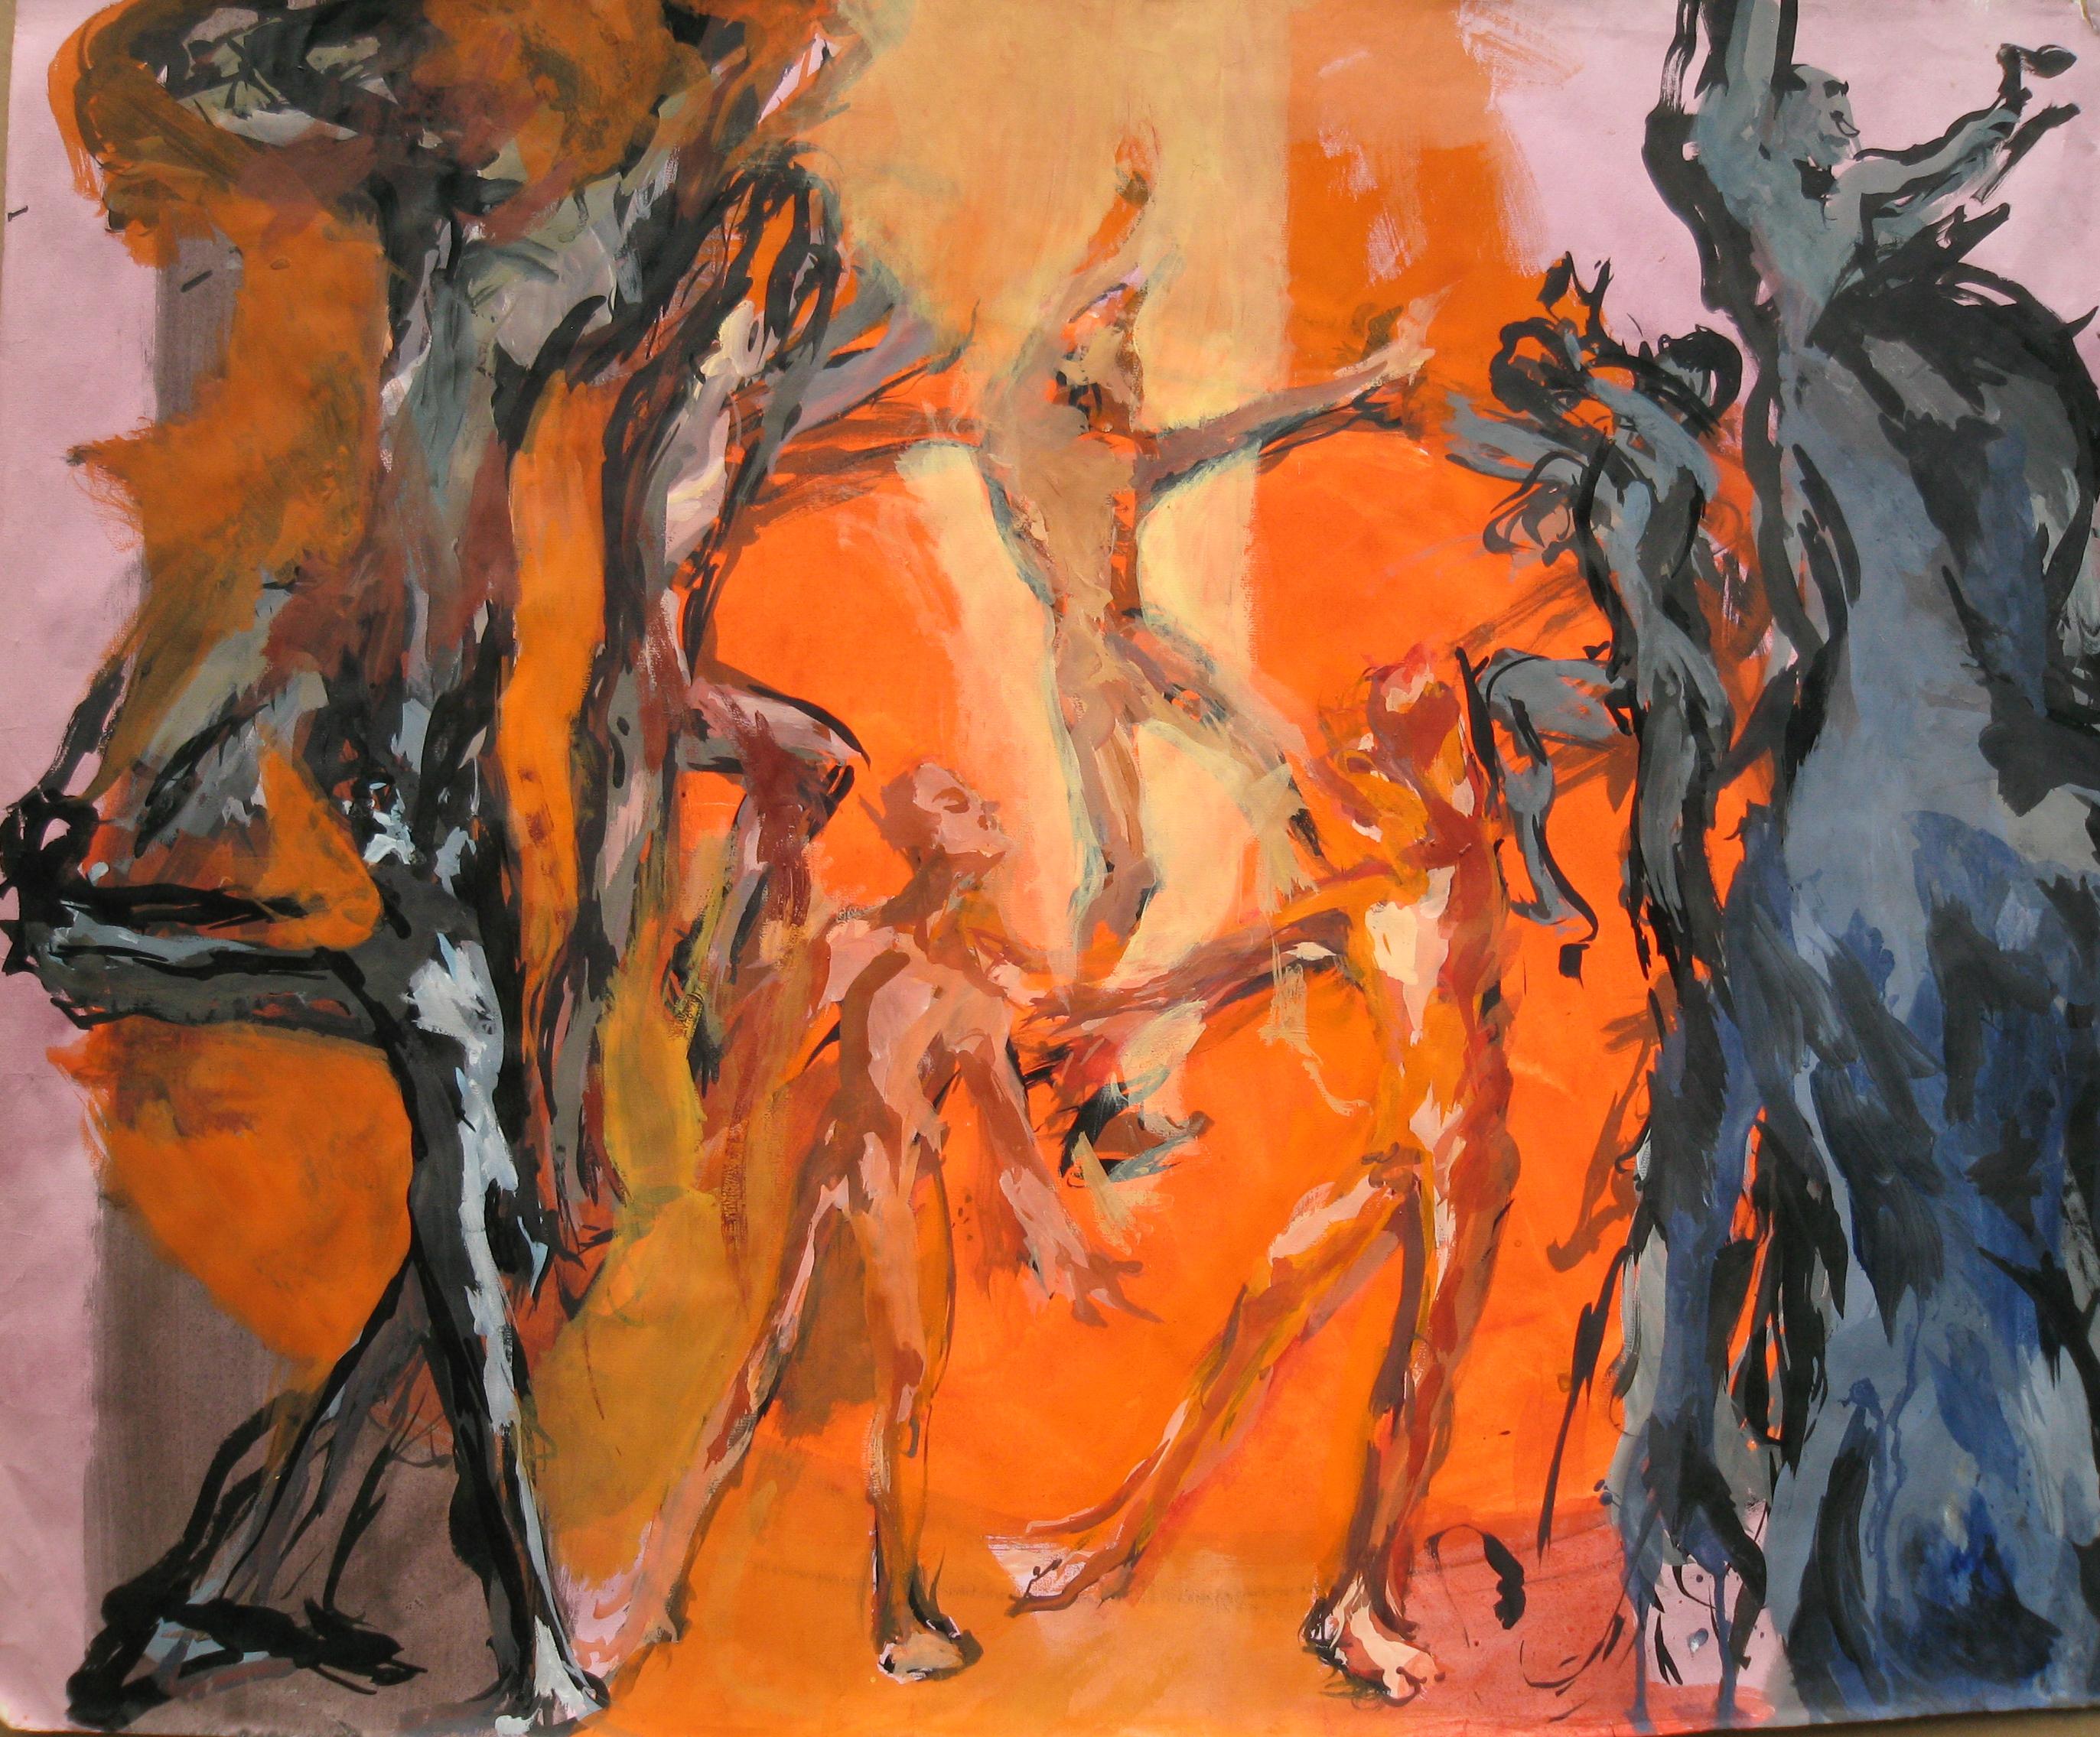 la Danse encre, acrylique sur papier 86x107